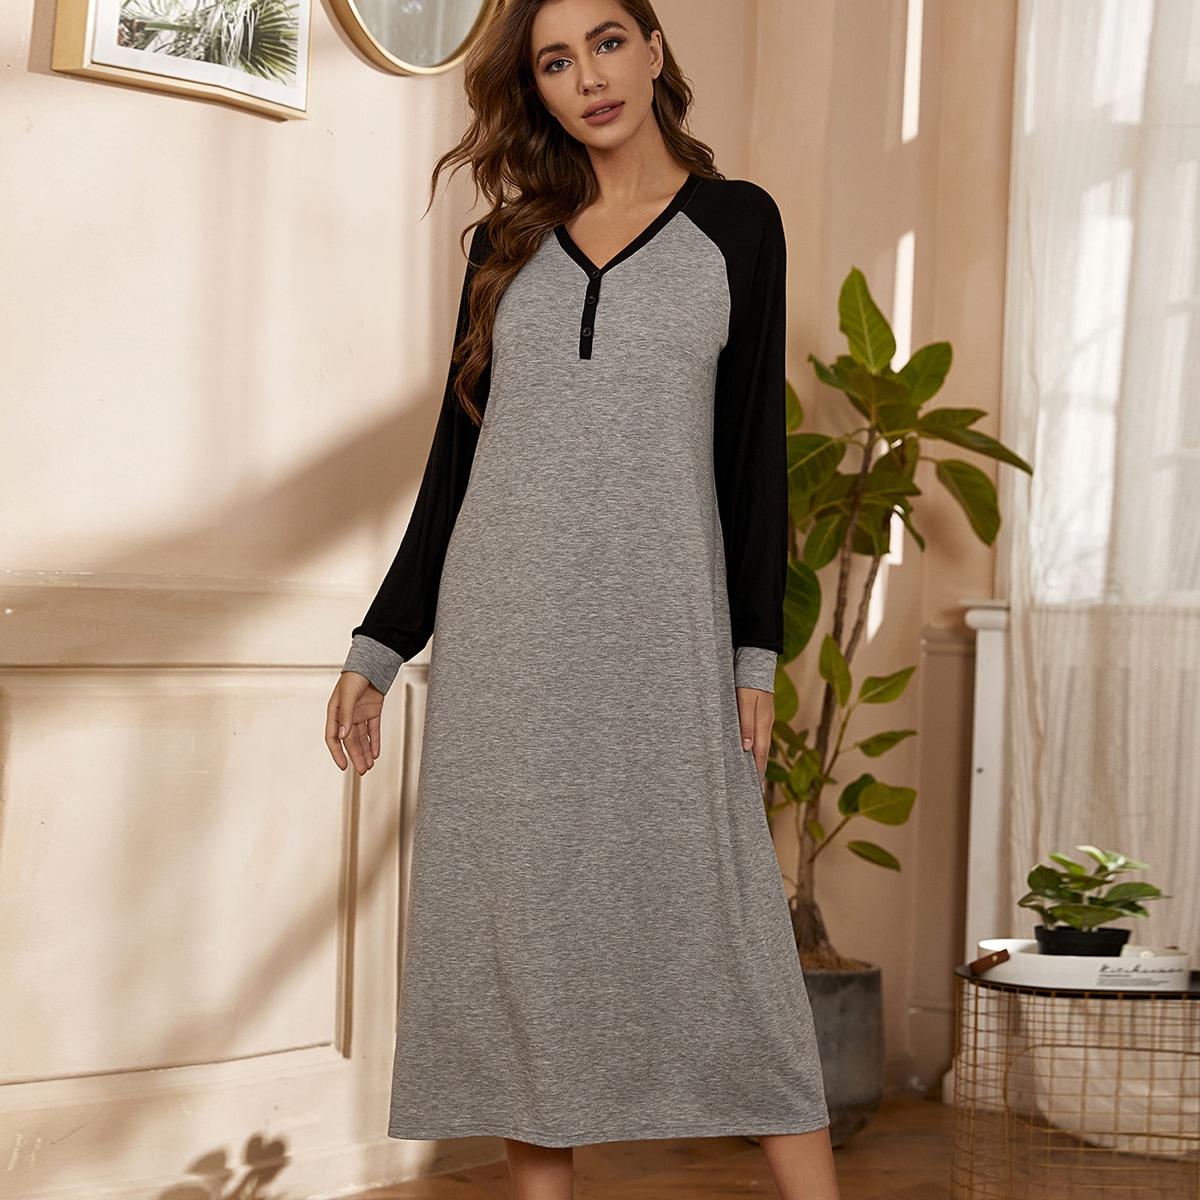 Пуговица контрастный цвет повседневный домашнее платье